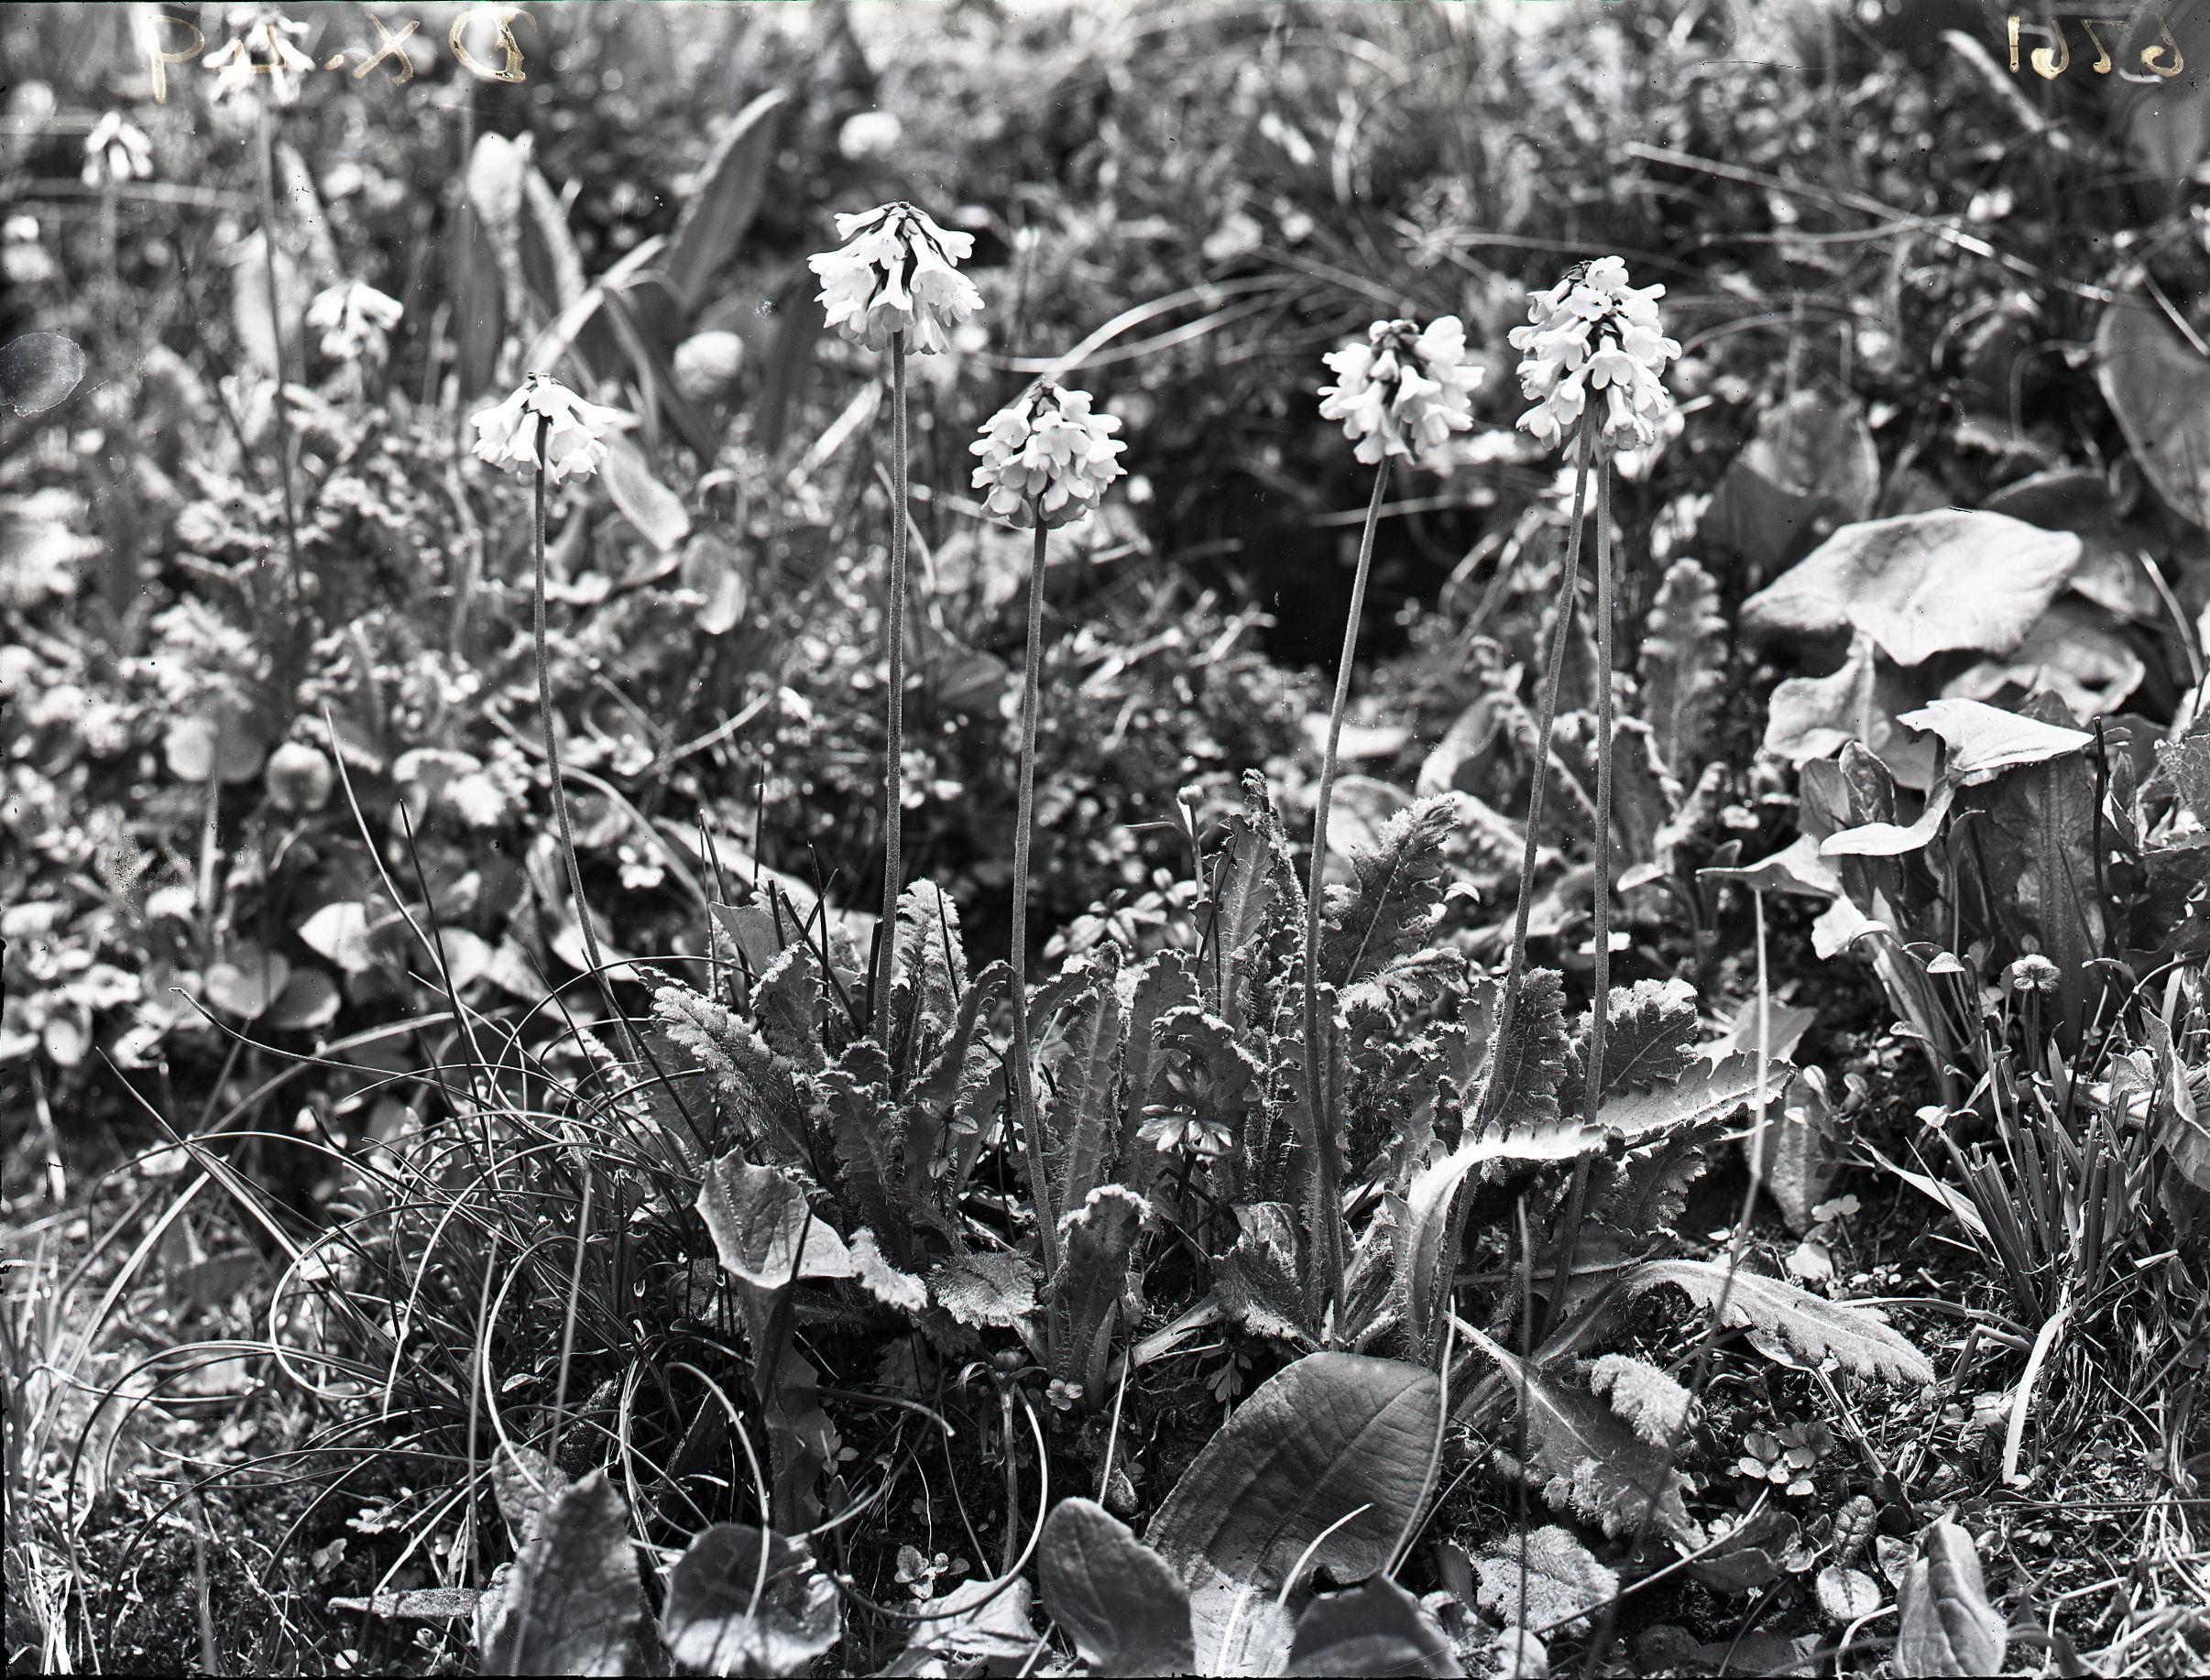 Forgotten Botanist George Forrest